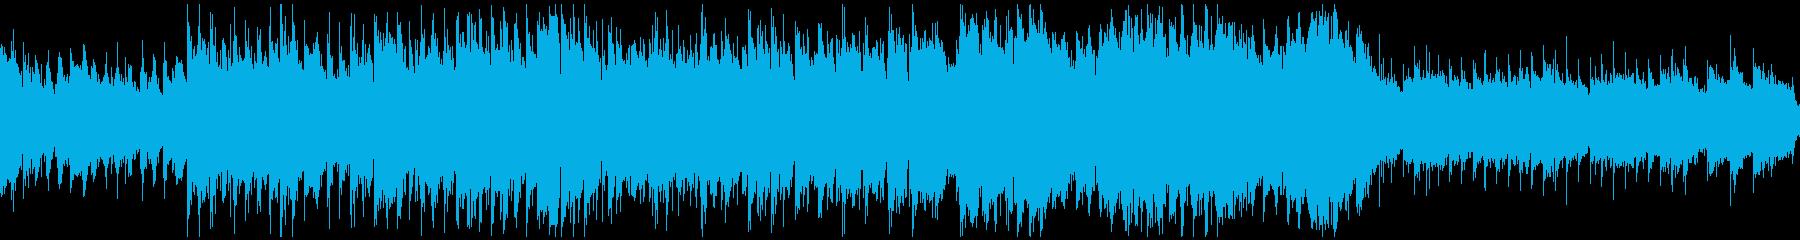 シネマティック造語BGMテンポ遅・ループの再生済みの波形